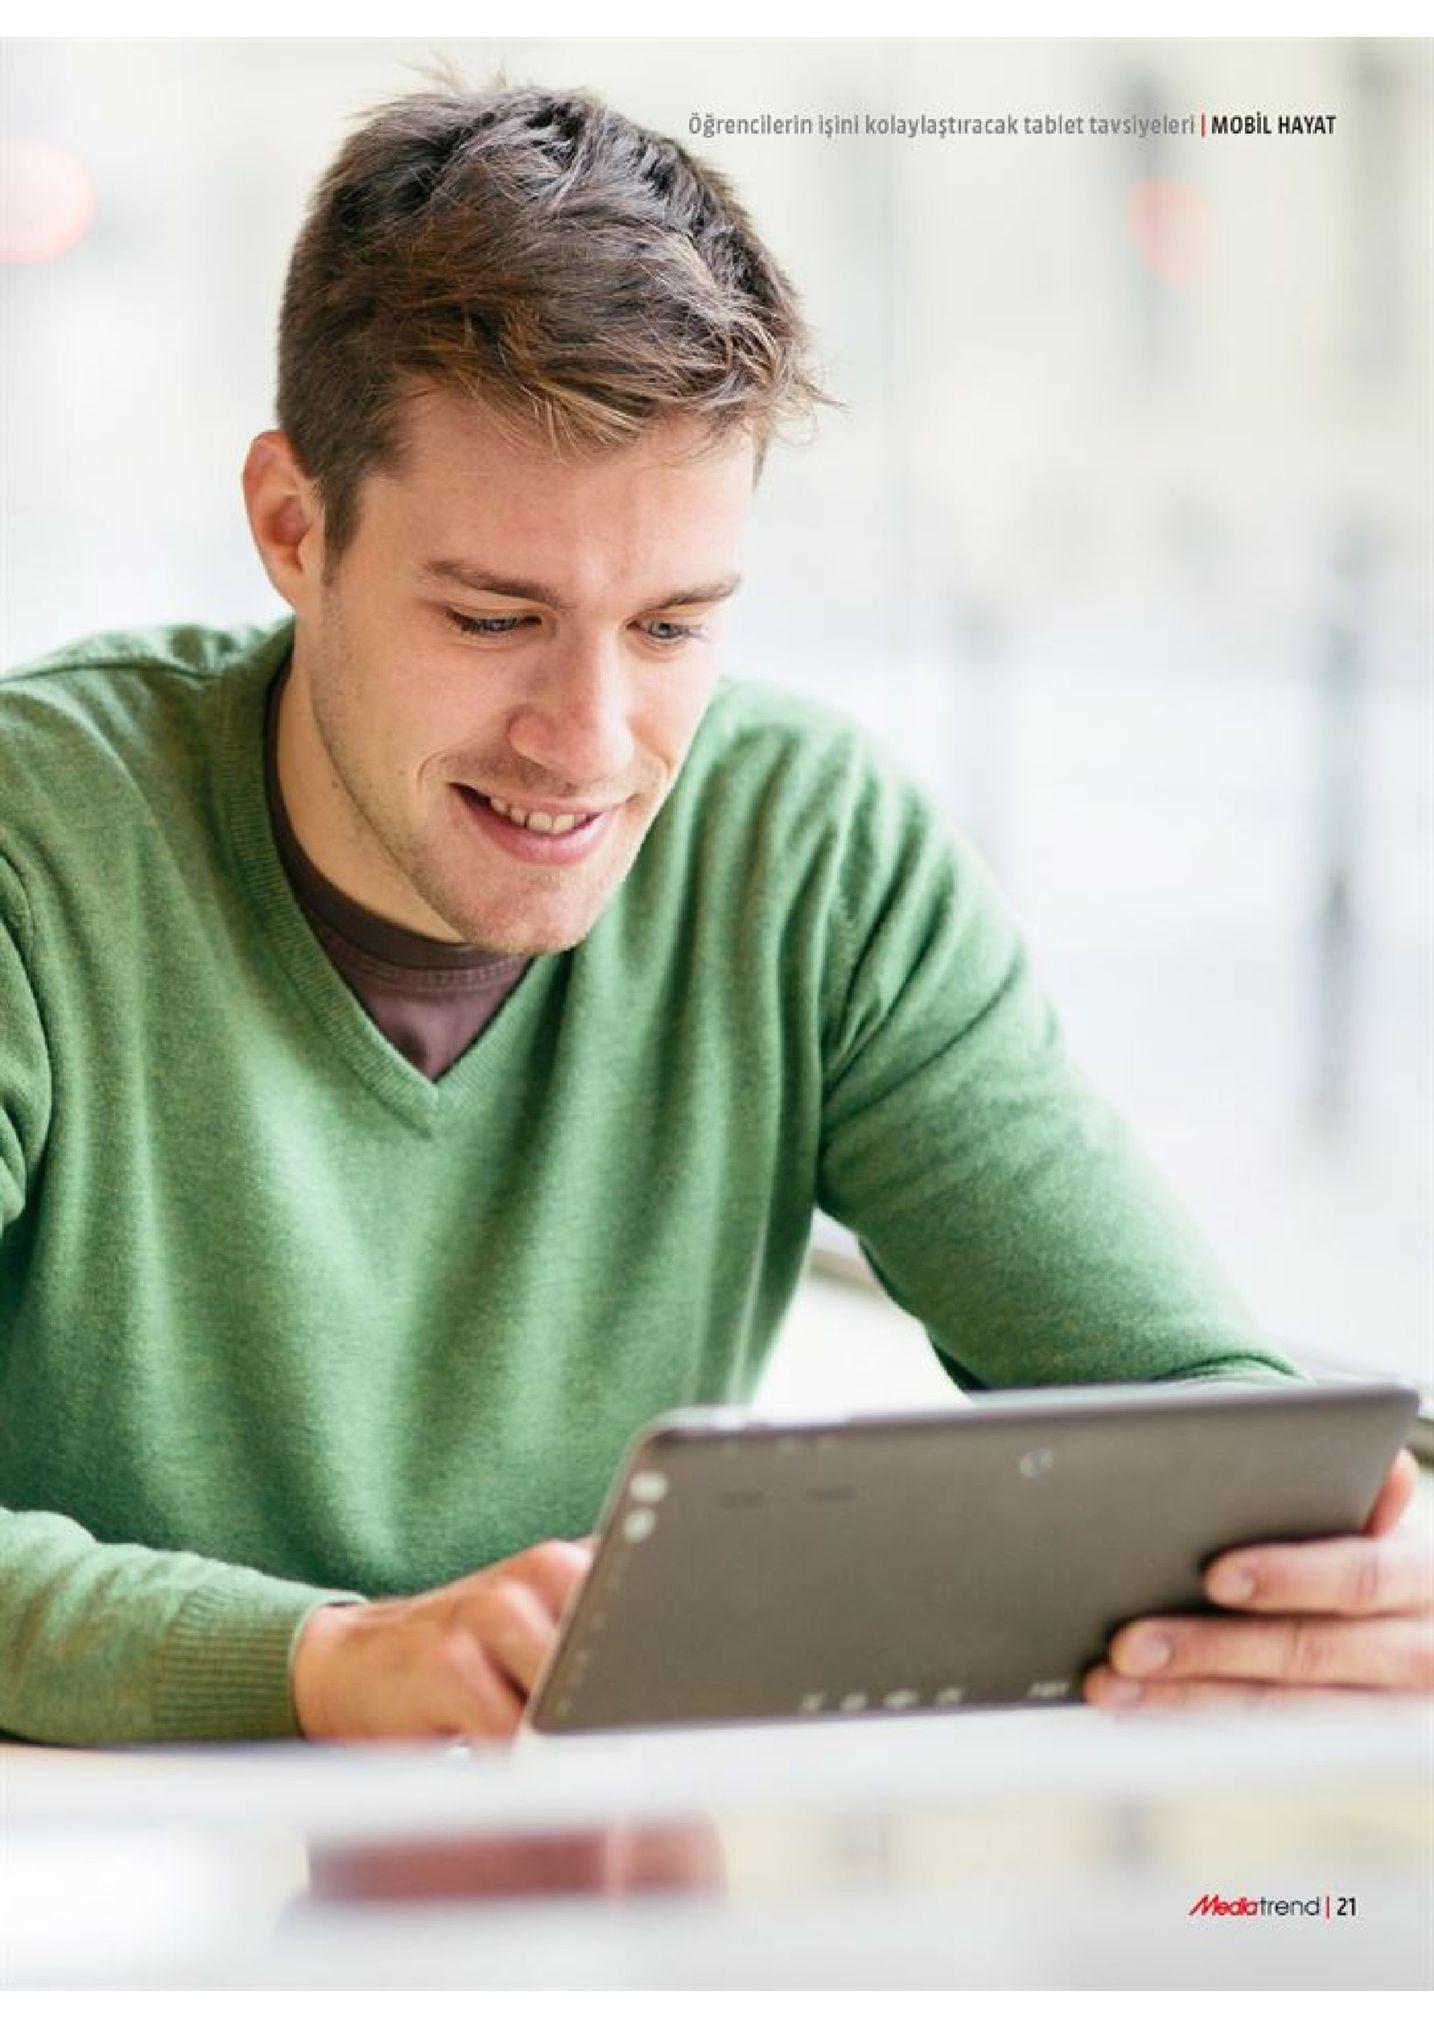 öğrencilerin işini kolaylaştıracak tablet tavslyeleri mobil hayat medatrend 21